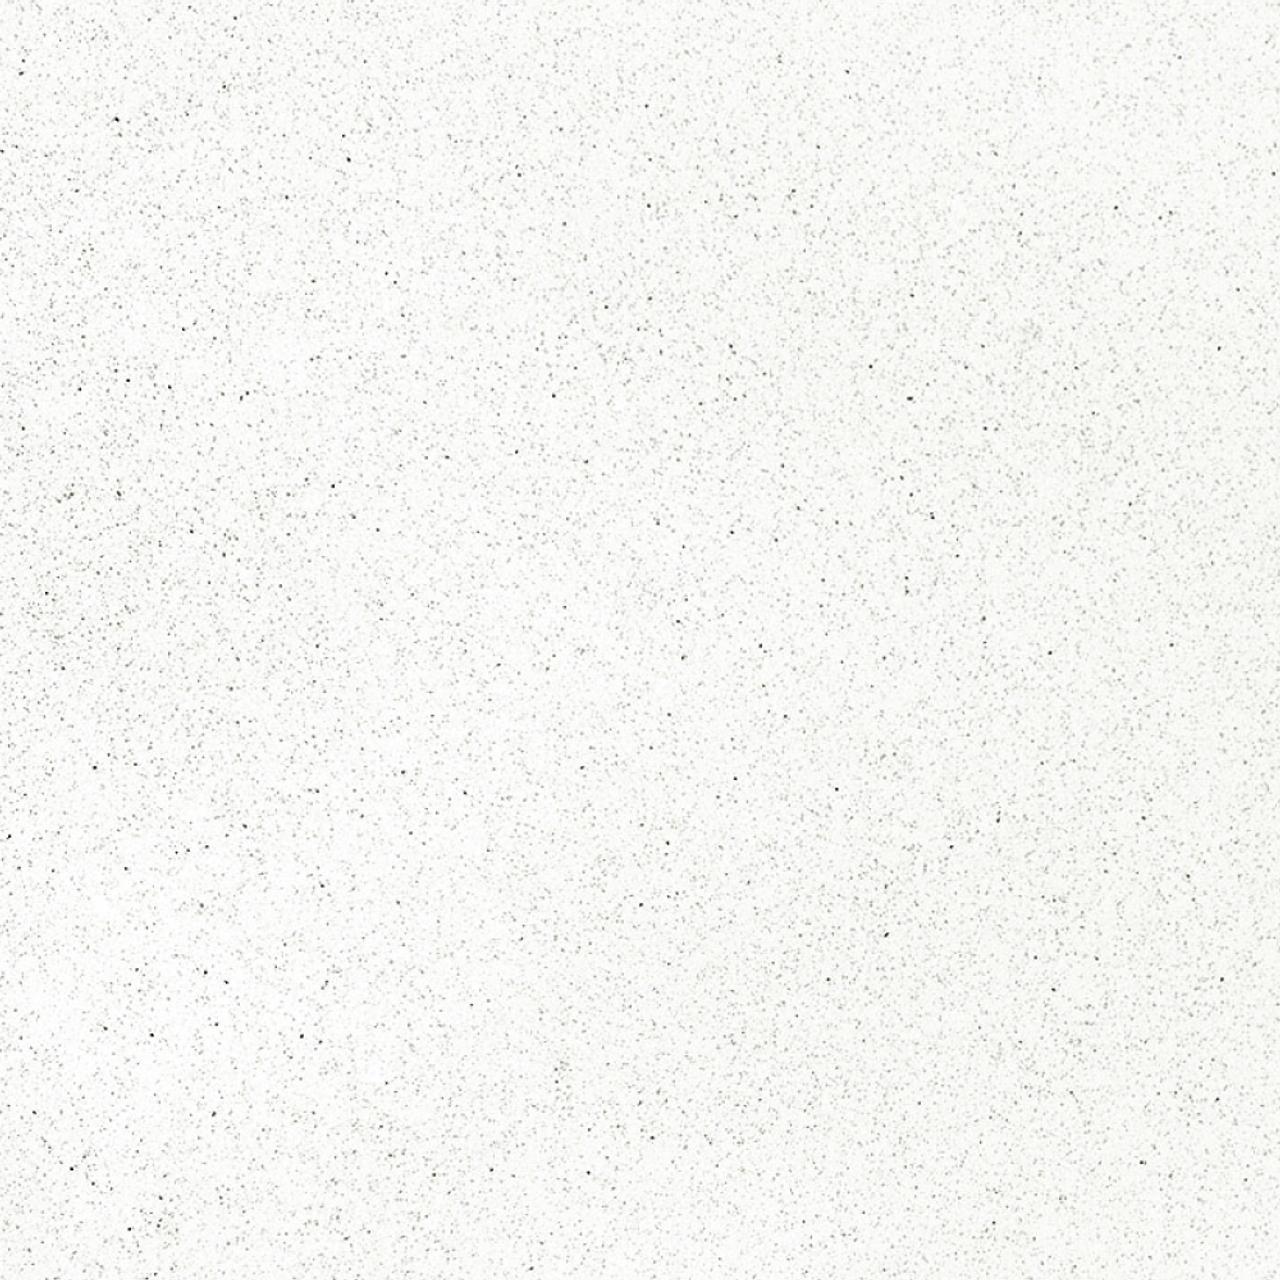 FM Quartz White | 12x48 | 2 Cm Tile |